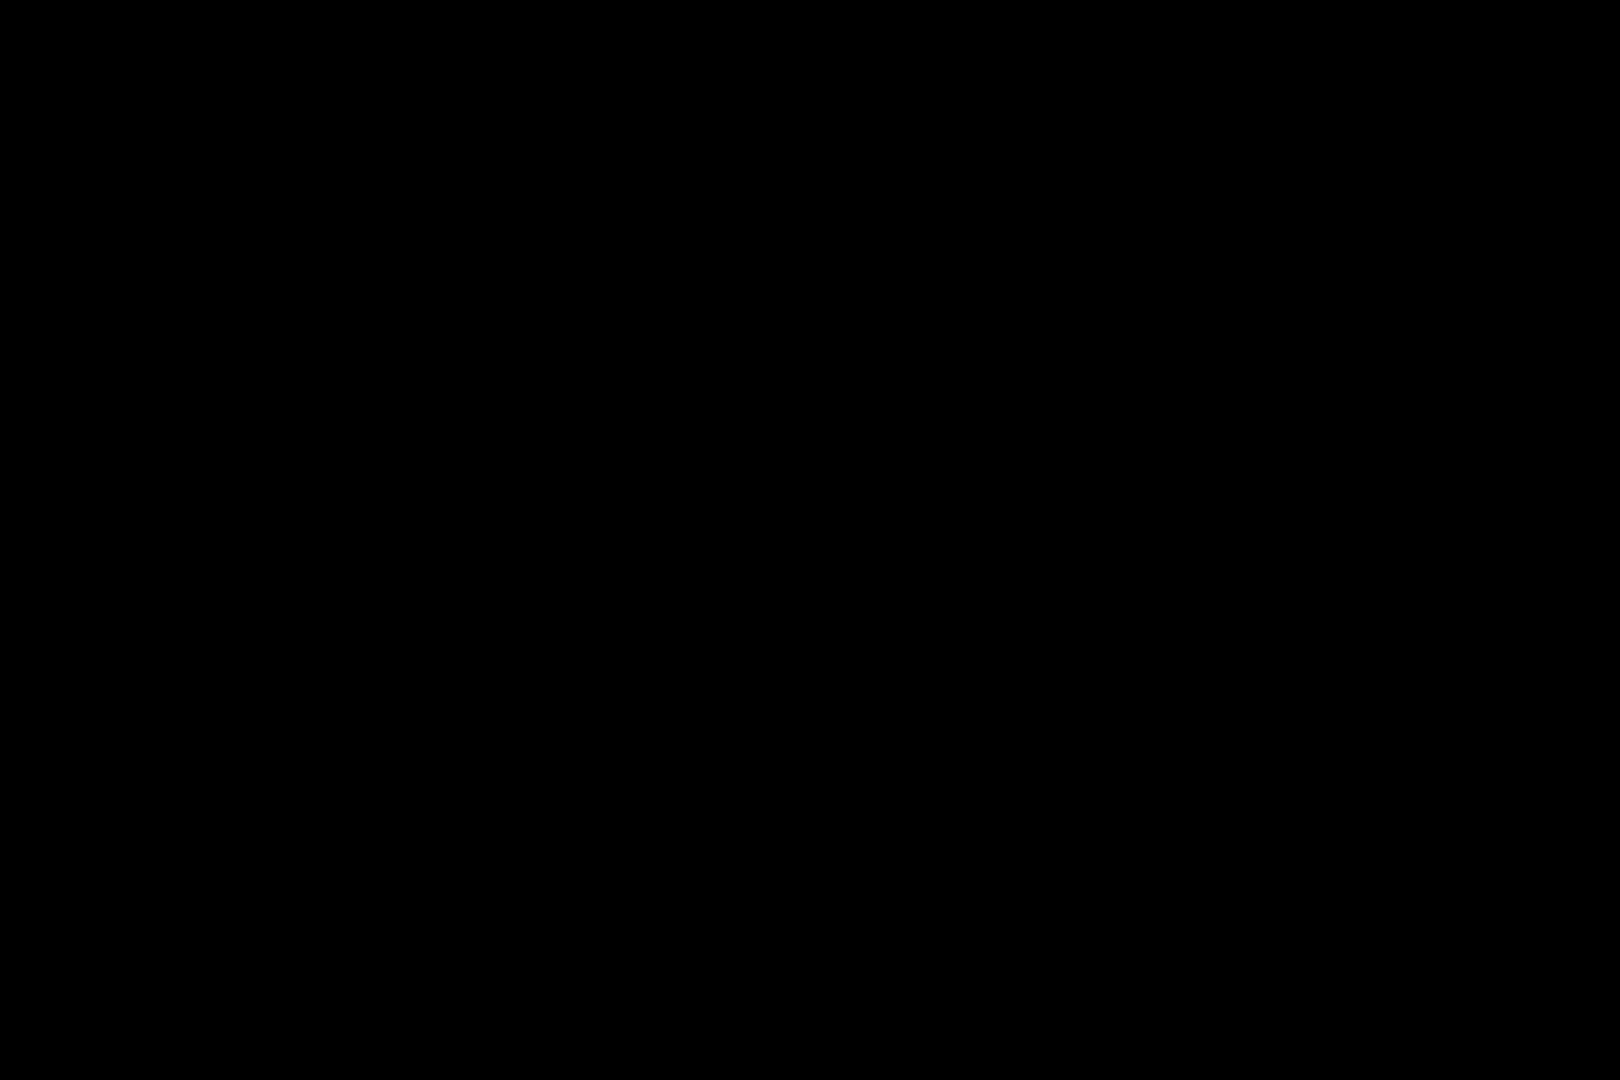 充血監督の深夜の運動会Vol.20 接写   エロティックなOL  78画像 37